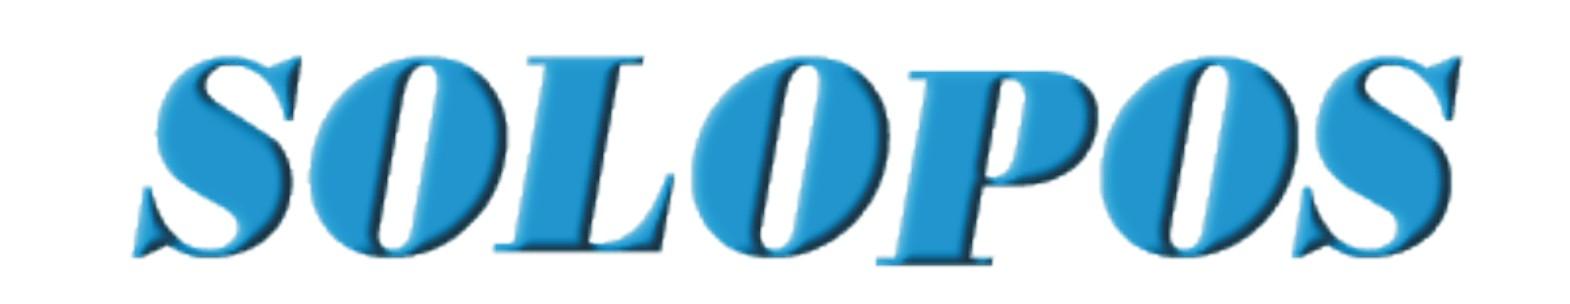 Harian Umum SOLOPOS membutuhkan tenaga muda profesional yang menyukai